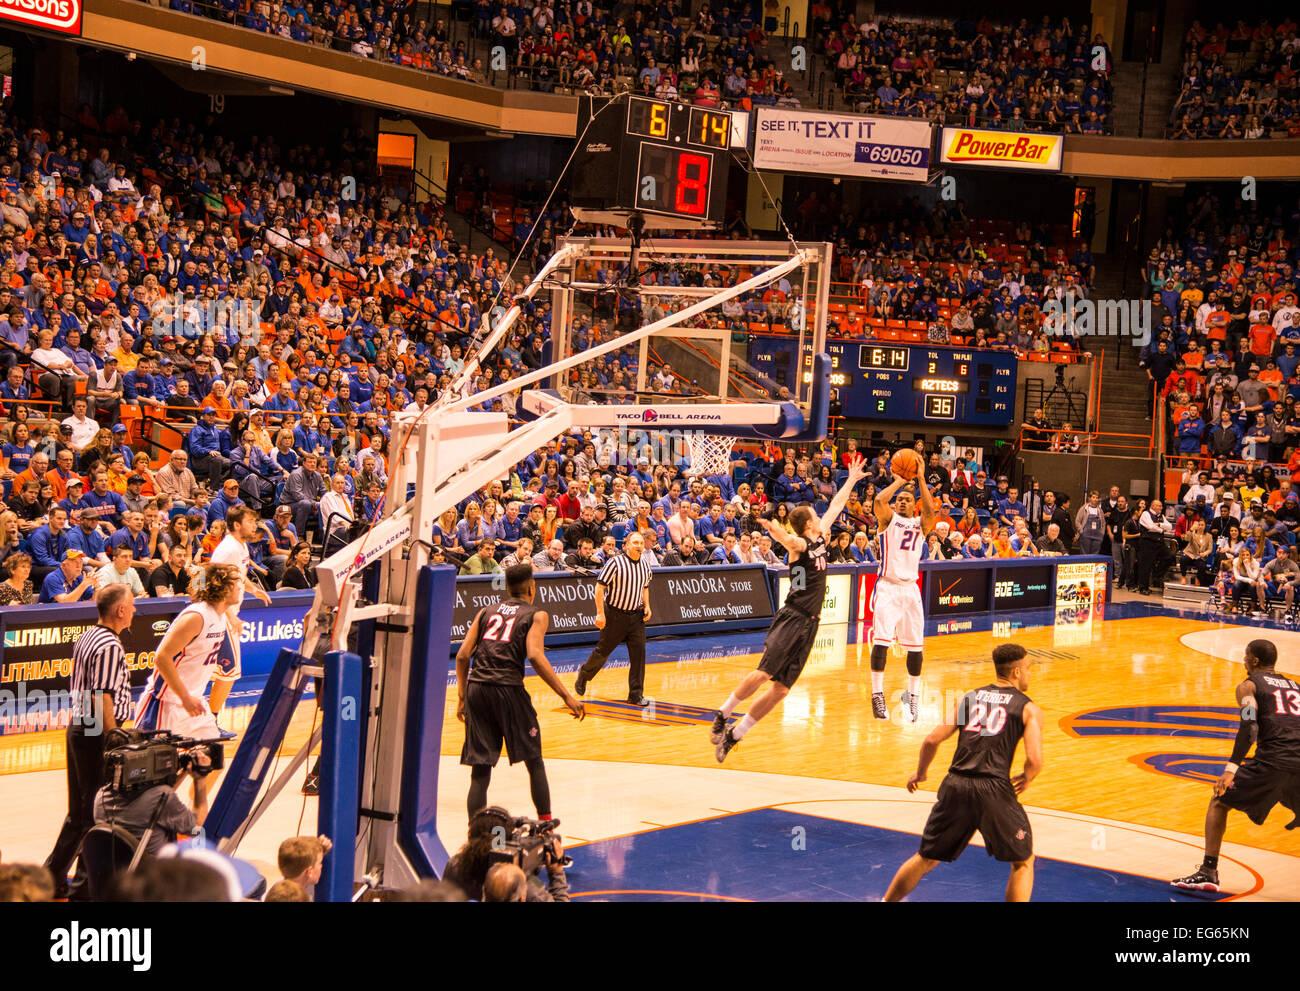 Juego de Baloncesto Boise State contra San Diego State en Taco Bell Arena. Bose, Idaho Imagen De Stock